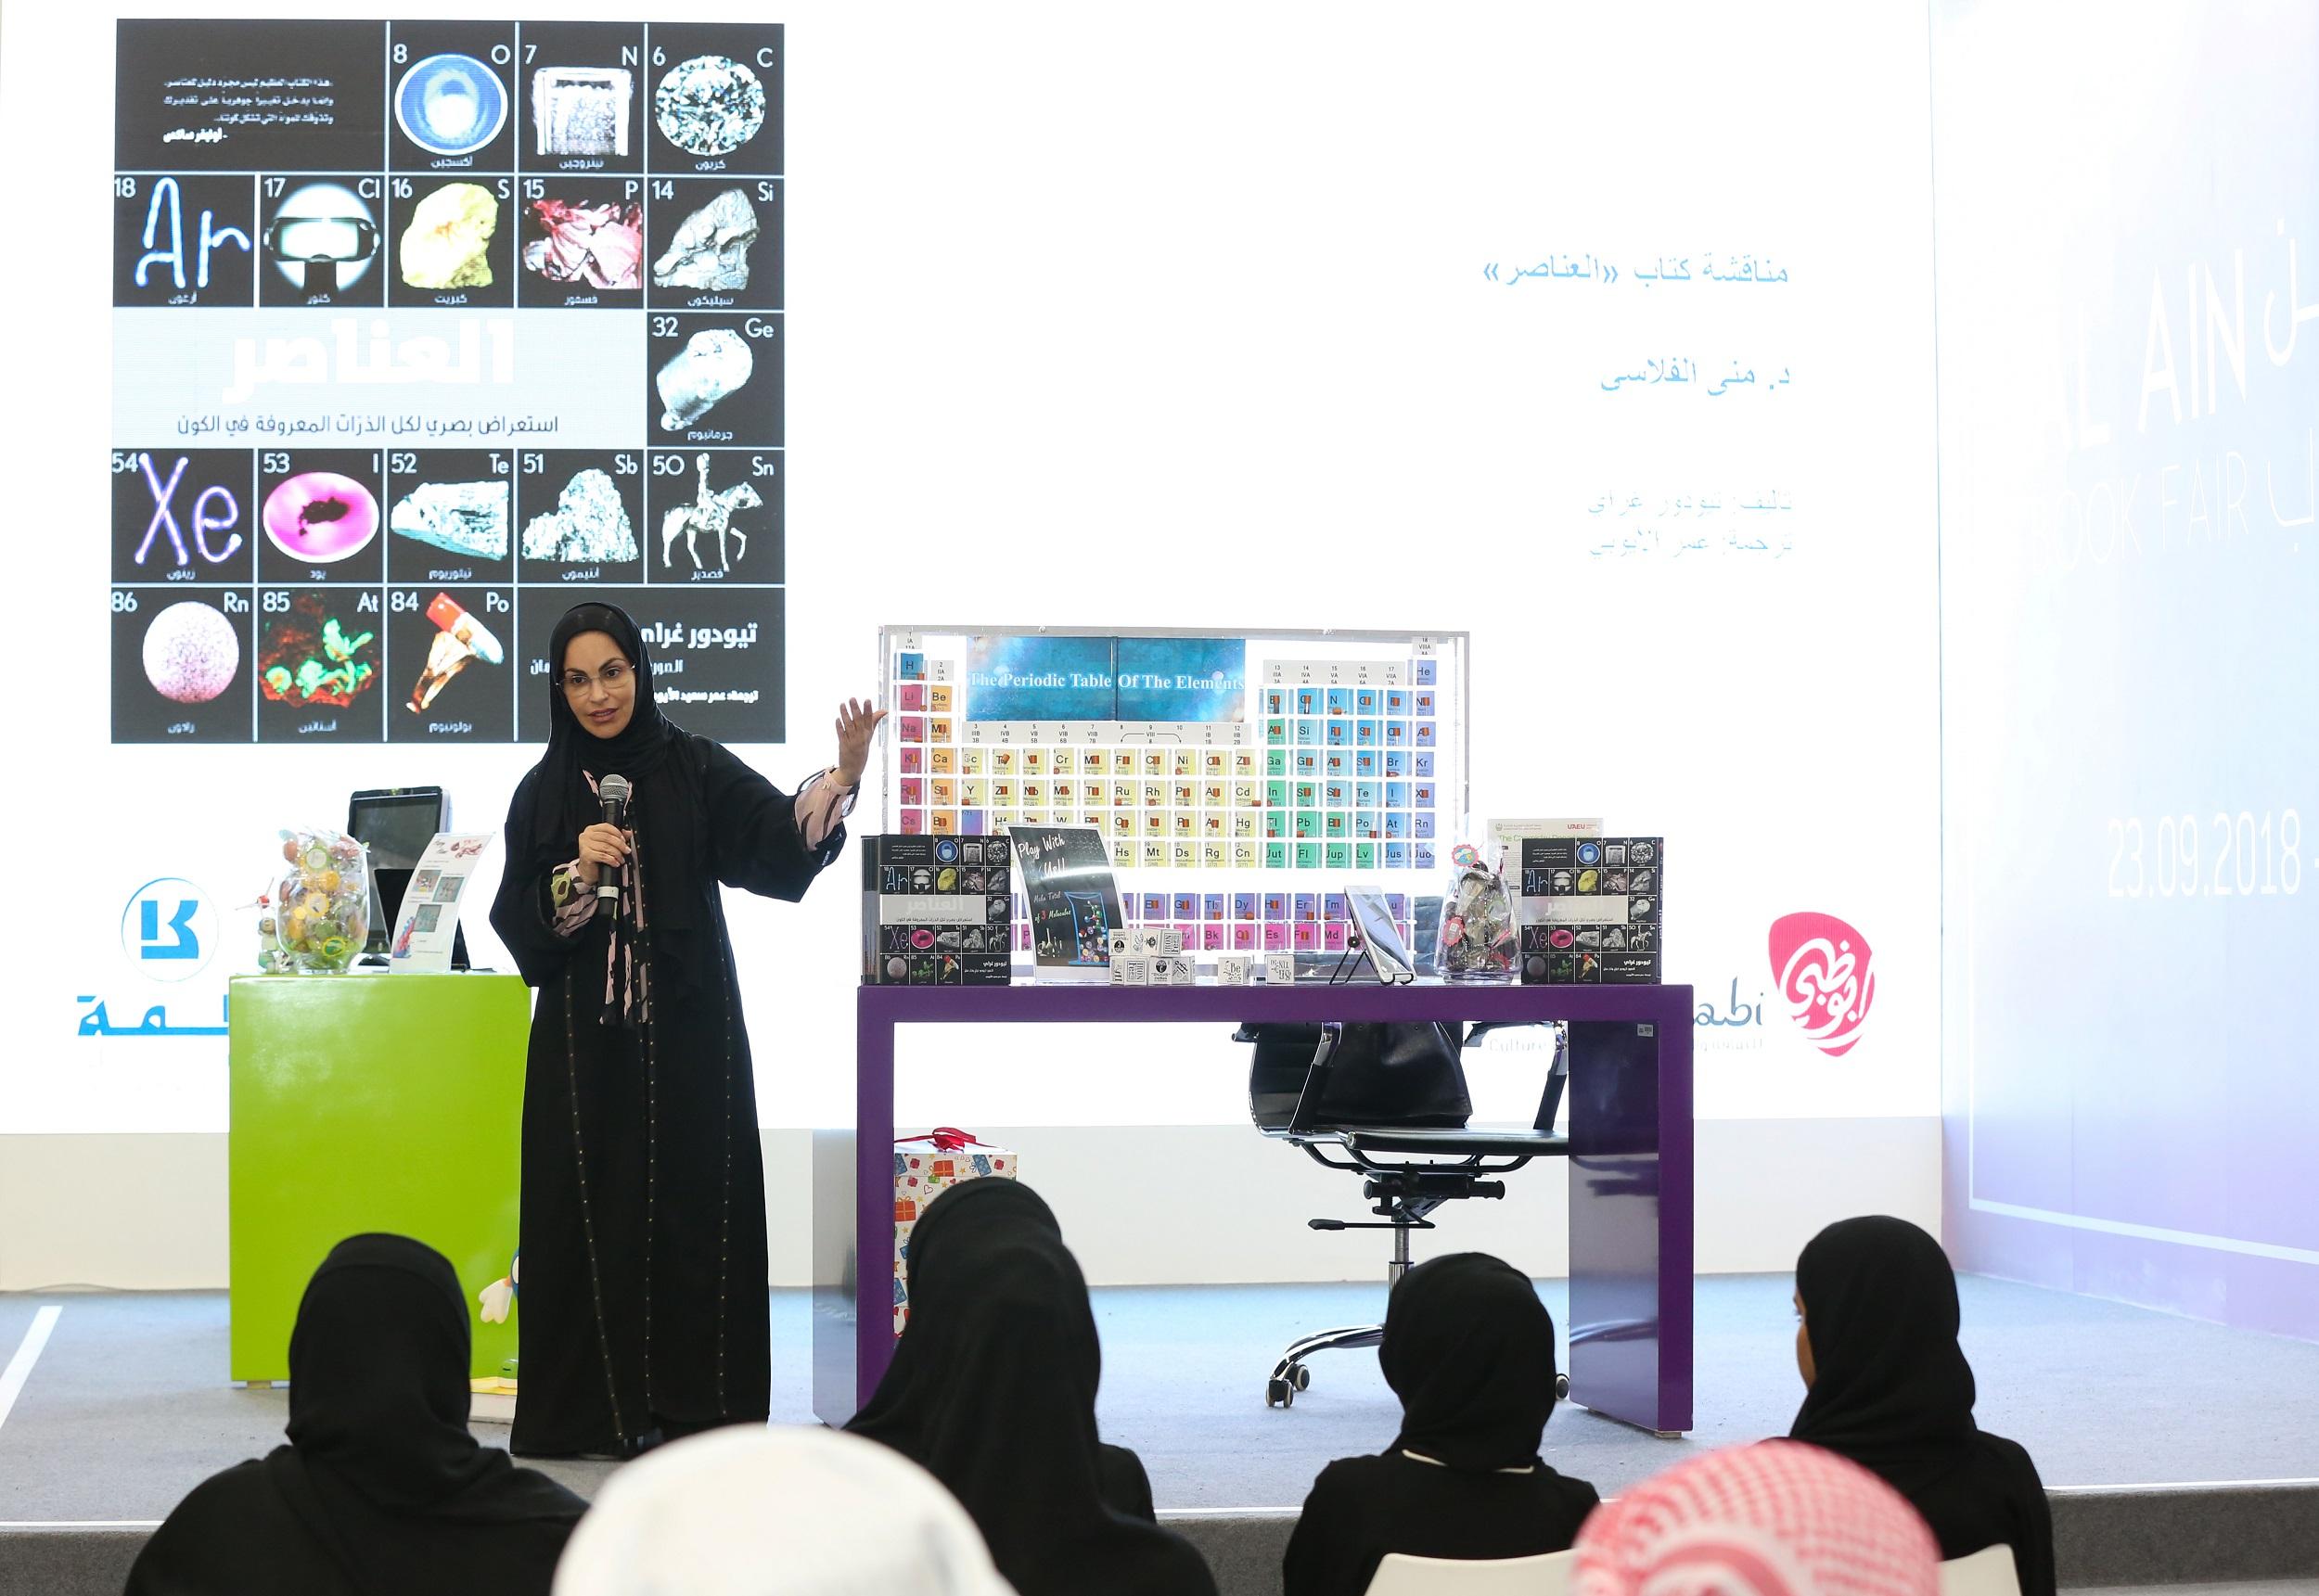 معرض العين للكتاب يسلّط الضوء على العلاقات الإماراتية السعودية ويناقش الرواية والترجمة  (3)